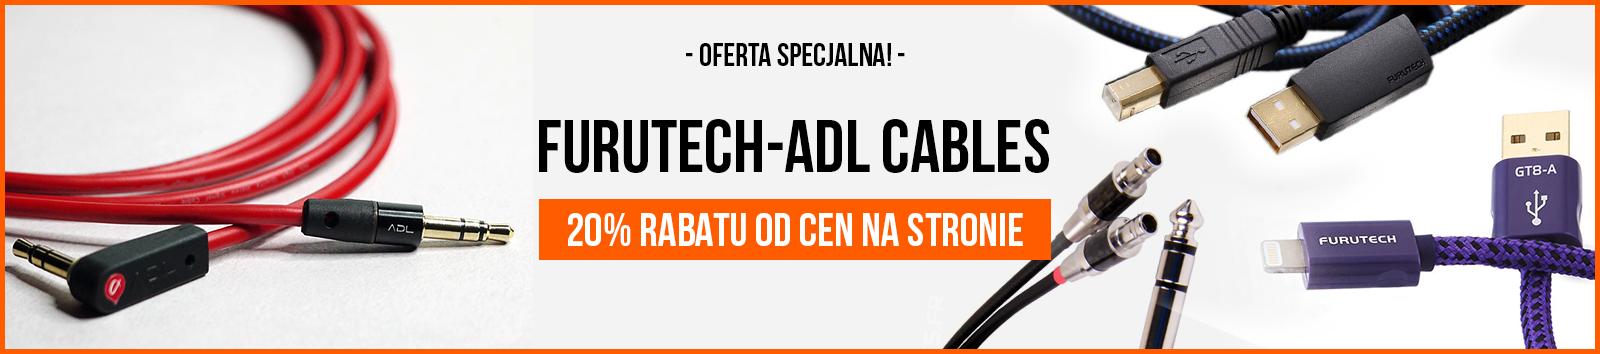 furutech adl cables